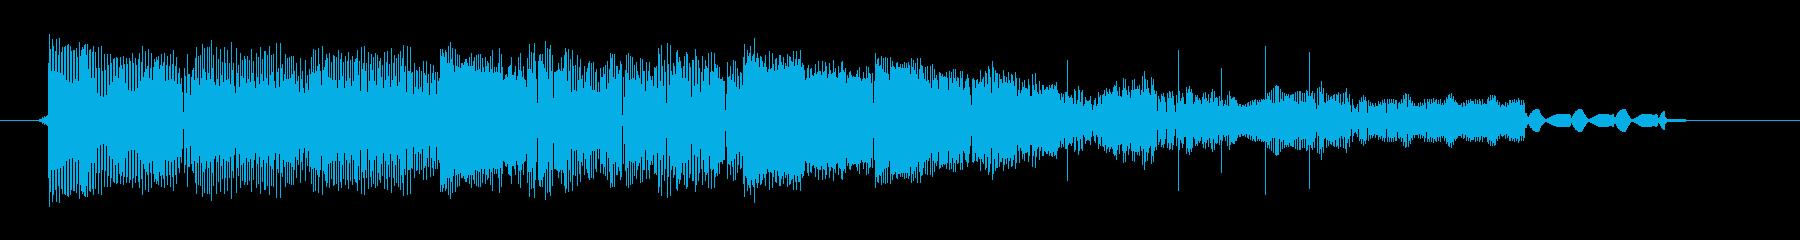 【チップチューン/スタート音/クリア音】の再生済みの波形